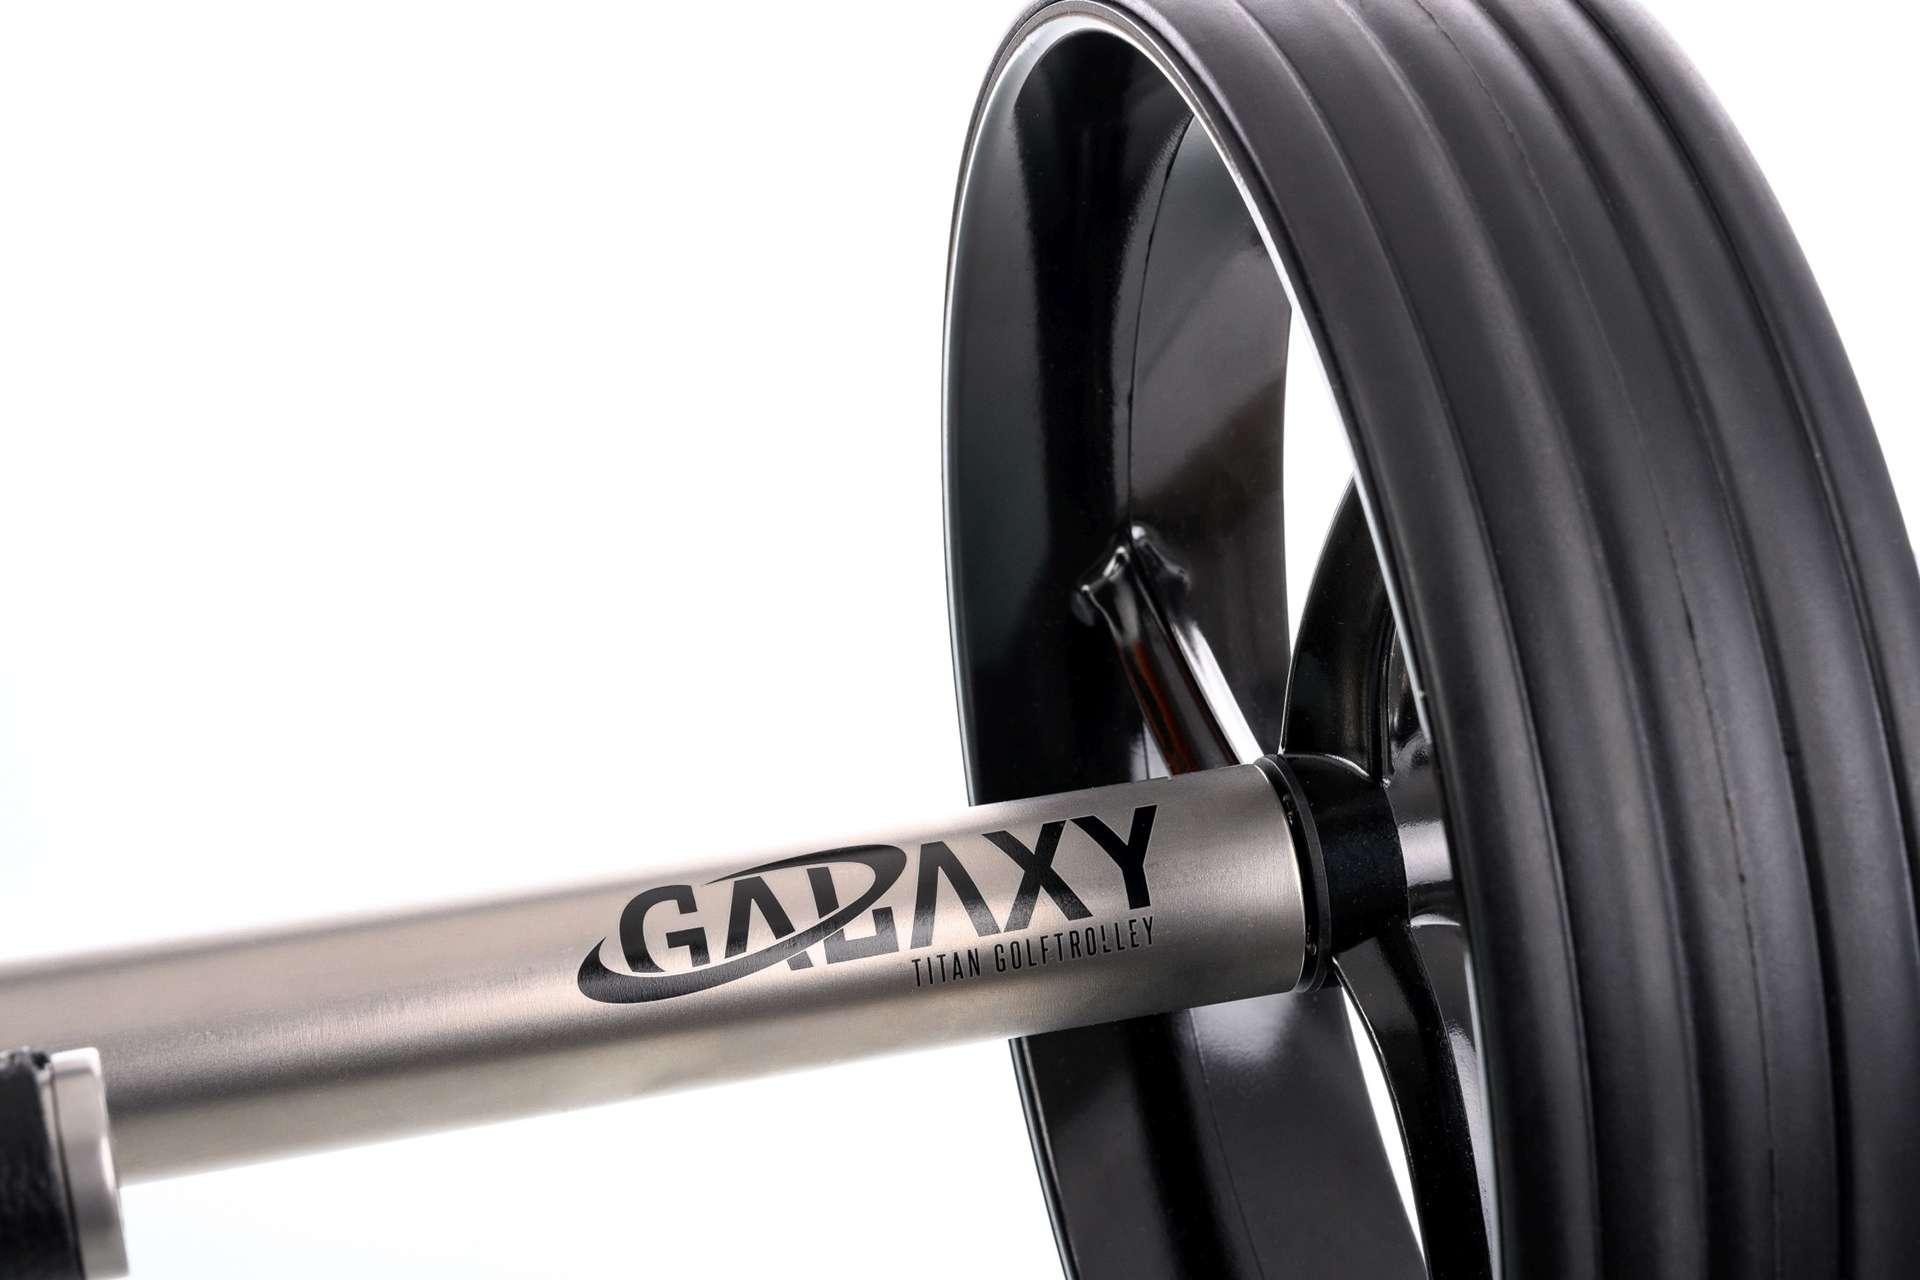 GALAXY Titan Elektro Golftrolley Motorroehre mit Logo und Reifen im Detail